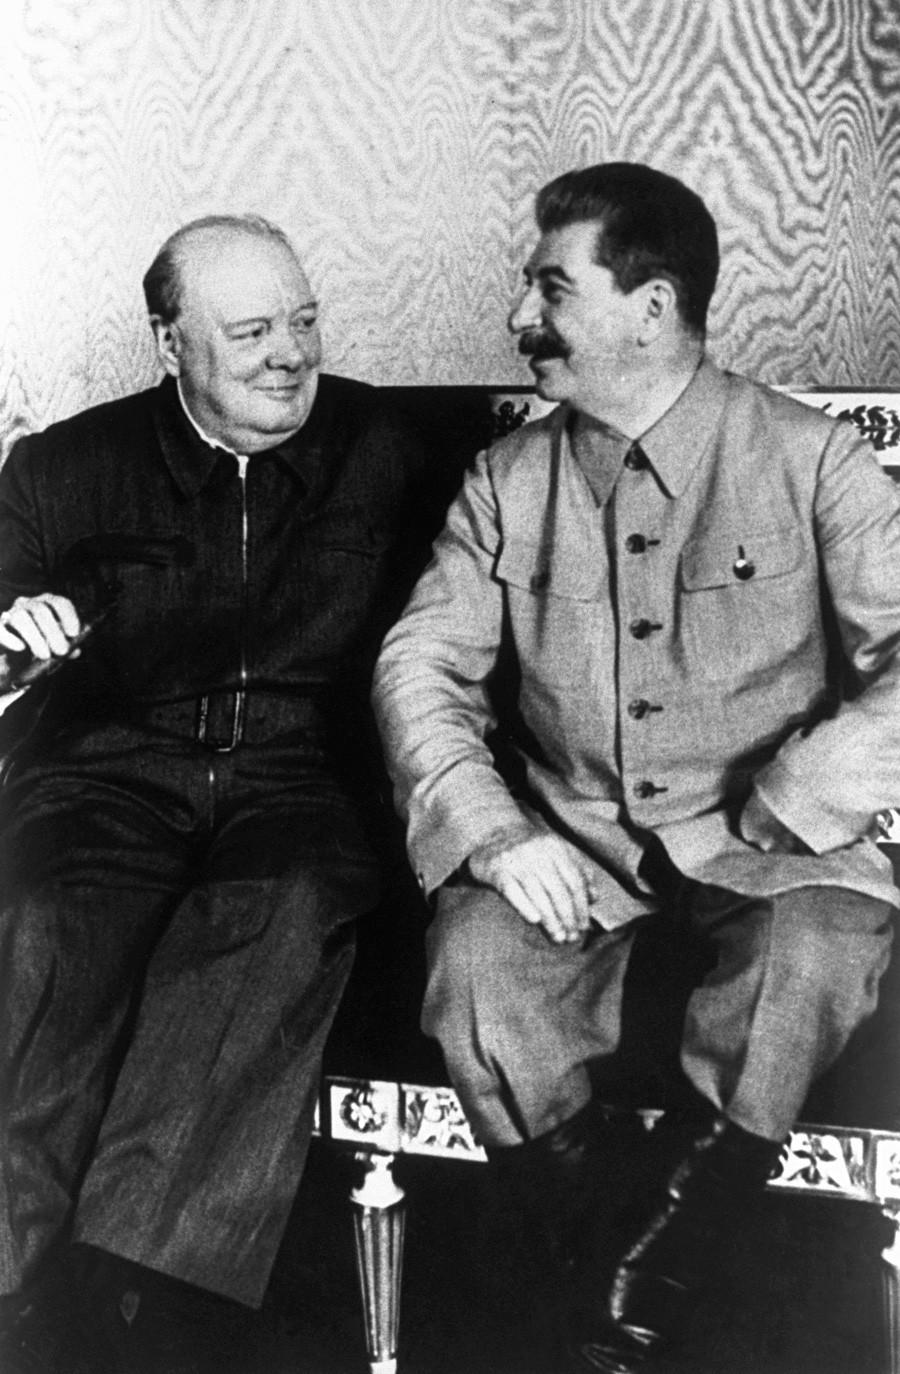 Јосиф Стаљин и Винстон Черчил у Кремљу, Москва.